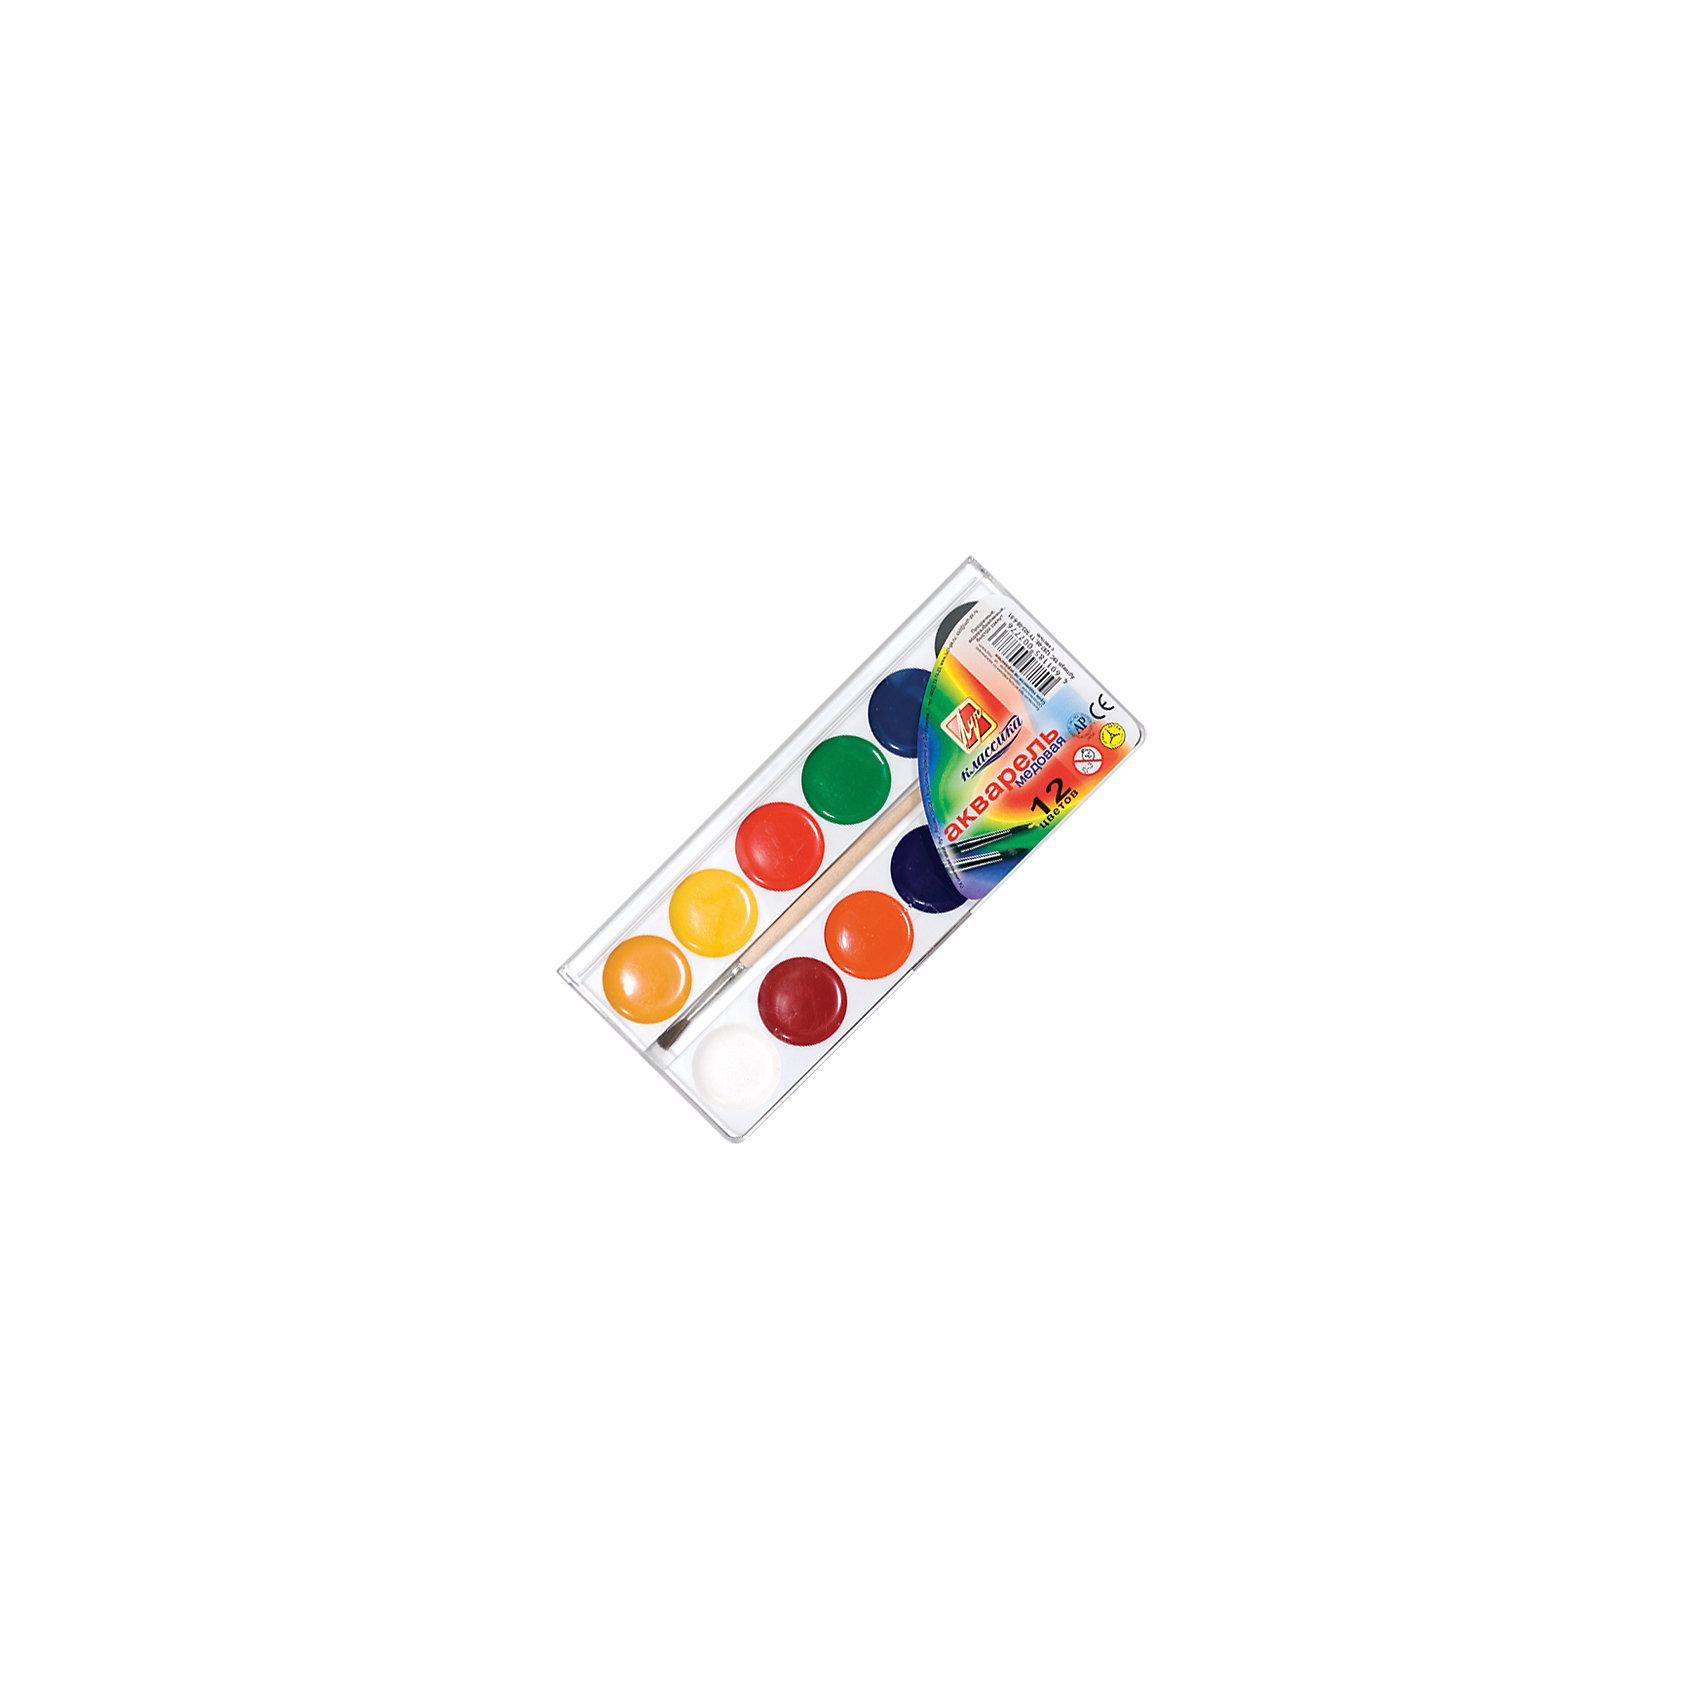 ЛУЧ Акварель 12 цветовРисование и лепка<br>В пластиковой коробке с прозрачной крышкой. Изготовлена на основе органических пигментов и натуральных связующих с добавлением меда и патоки. Краски прозрачные, водоразбавляемые, быстро сохнут. С кистью. 12 цветов<br><br>Ширина мм: 160<br>Глубина мм: 100<br>Высота мм: 15<br>Вес г: 100<br>Возраст от месяцев: 36<br>Возраст до месяцев: 168<br>Пол: Унисекс<br>Возраст: Детский<br>SKU: 6858995